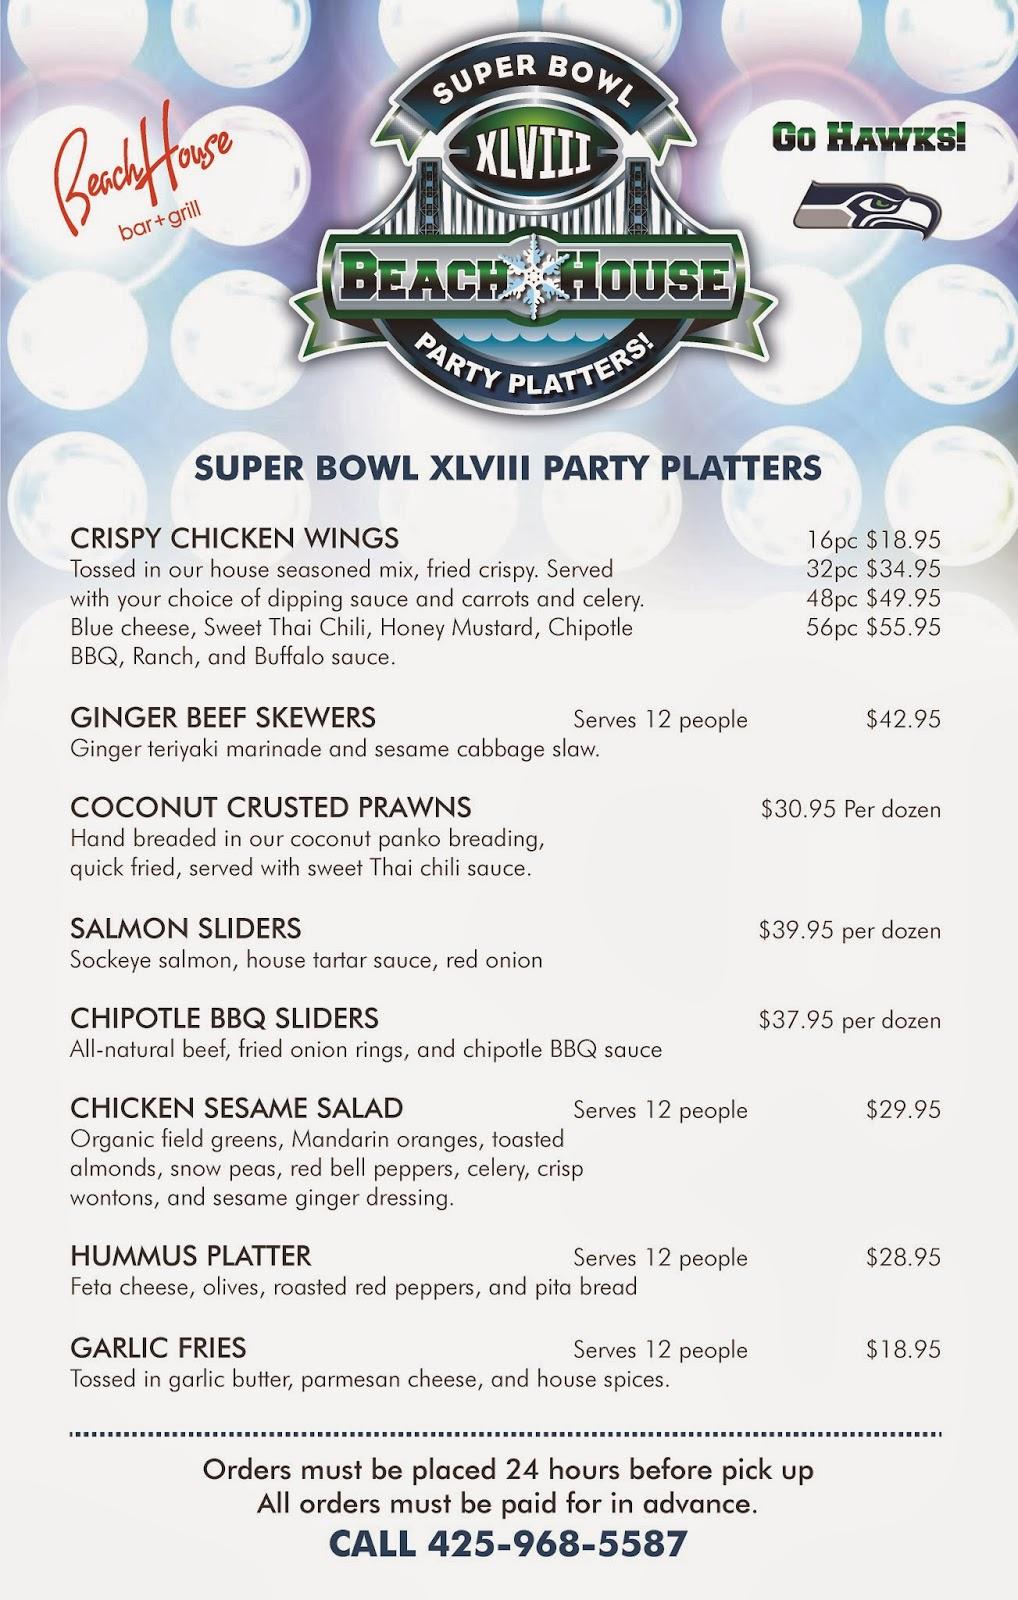 Super Bowl Party Platters Menu